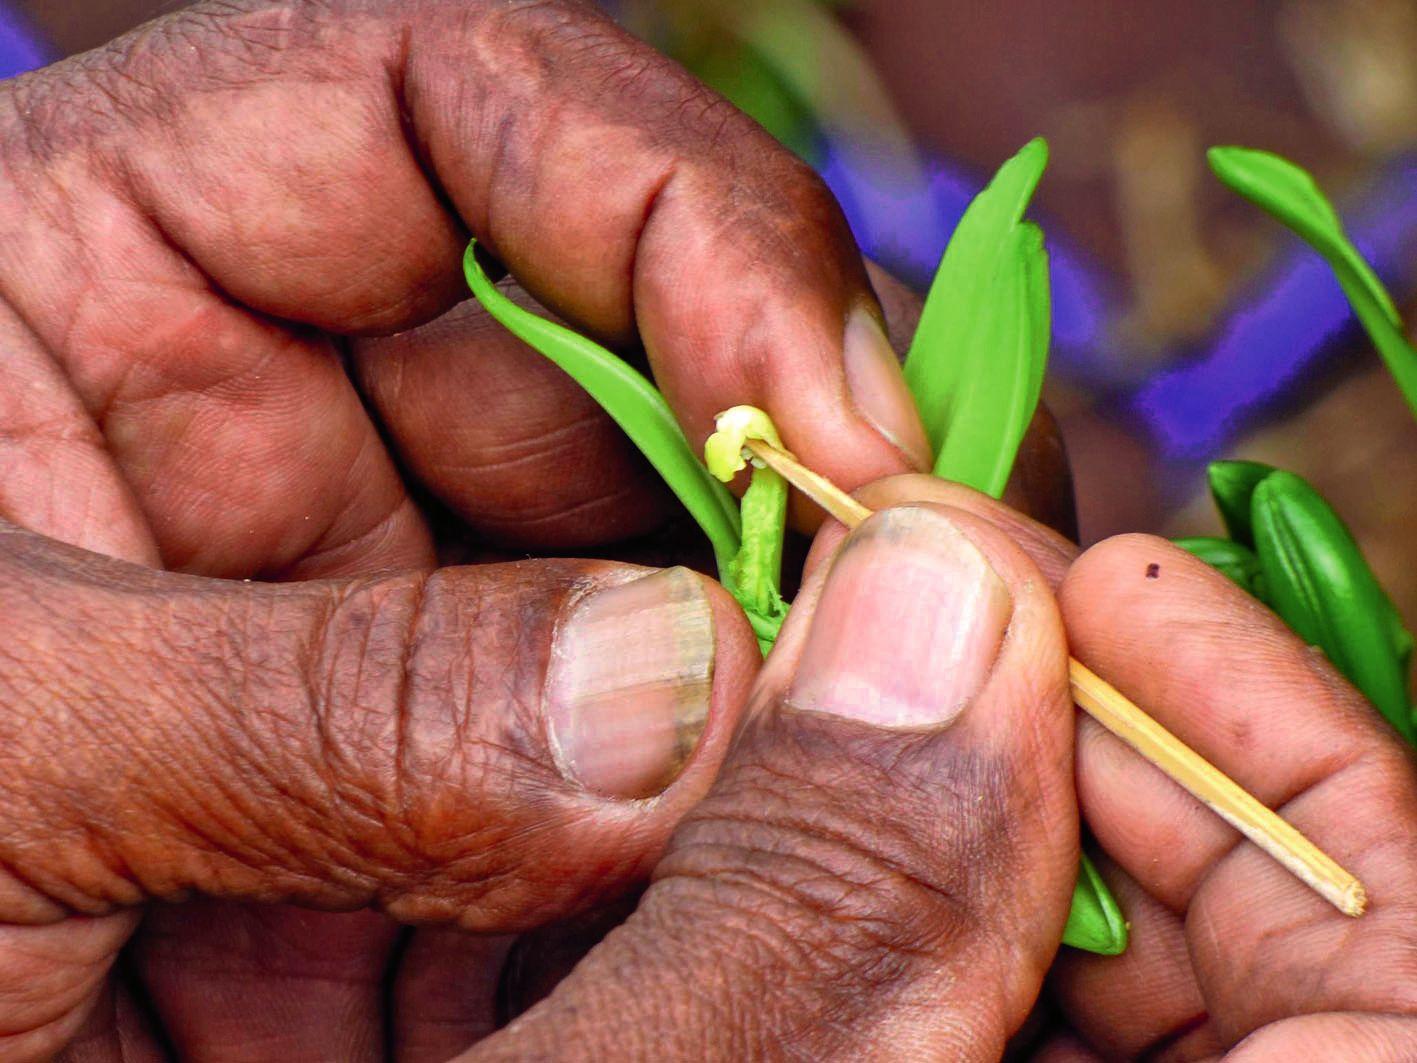 Lues Rokuad, producteur de vanille, a expliqué le principe du mariage de l'orchidée, qui se fait  une fois par an. L'éclosion de la fleur ne dure que quelques heures.